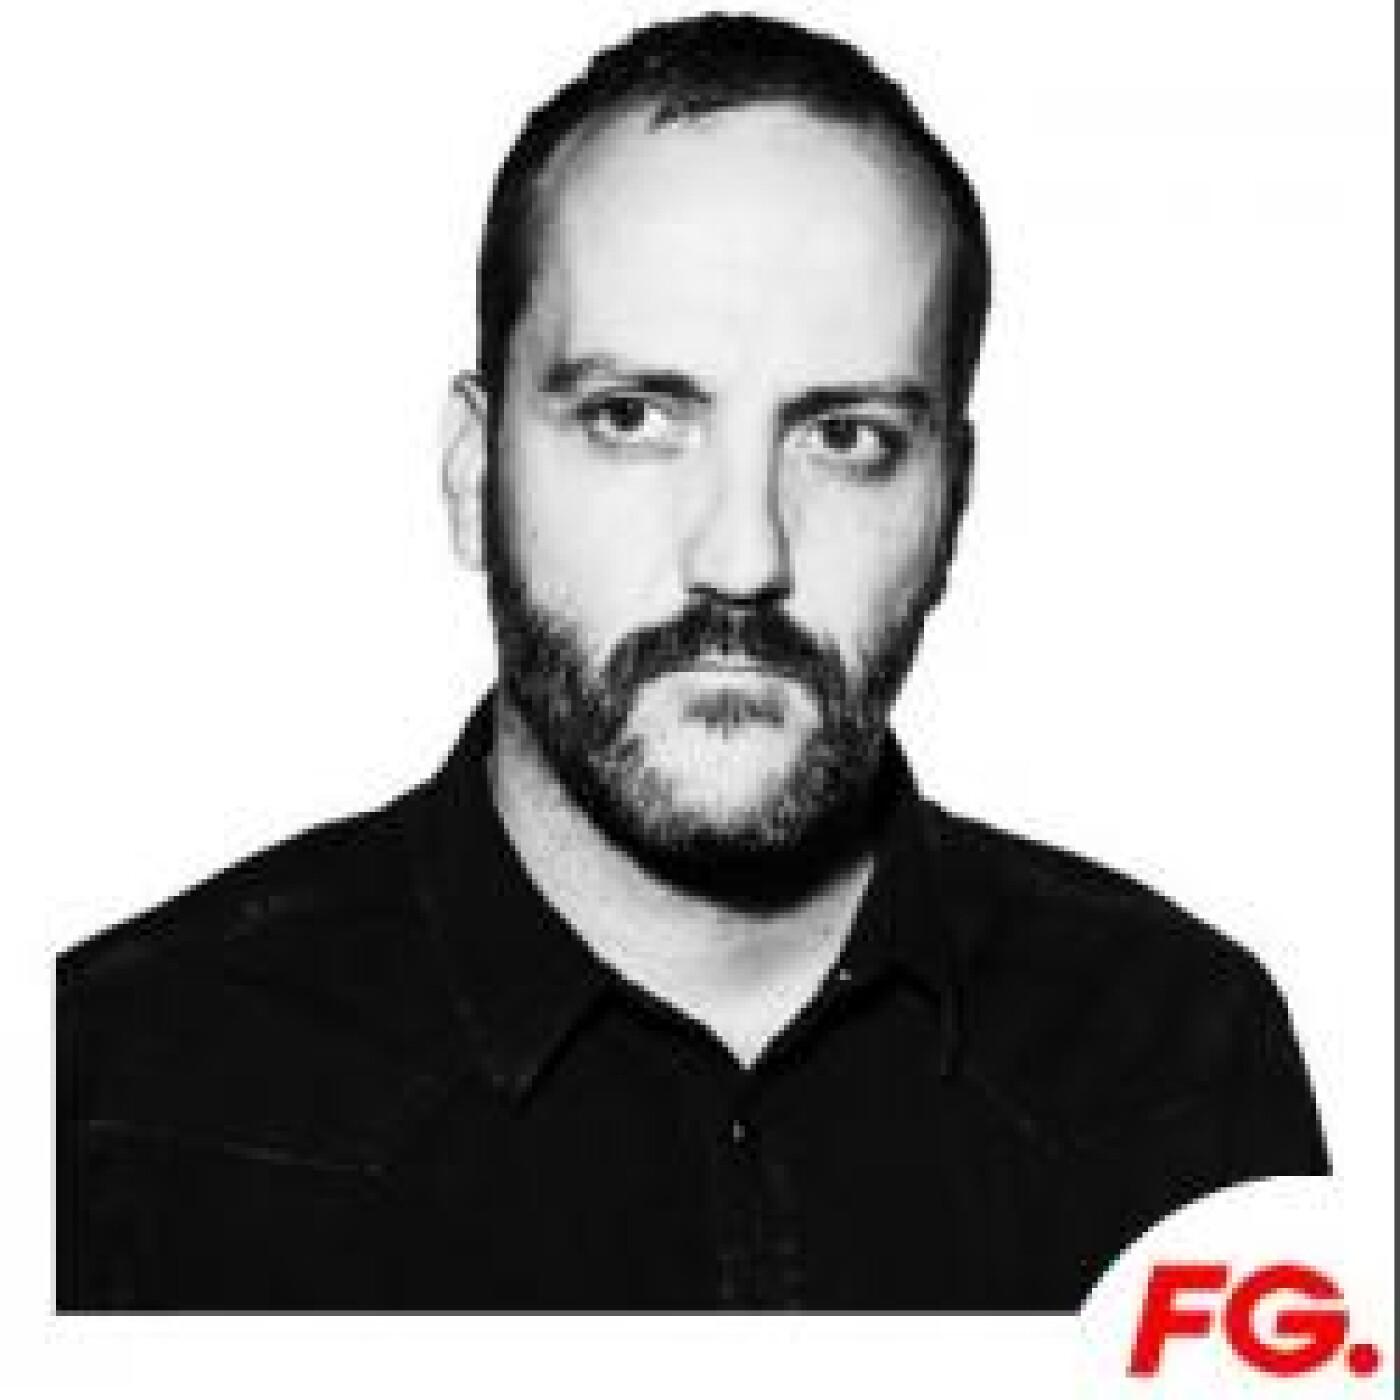 CLUB FG : FRED FALKE